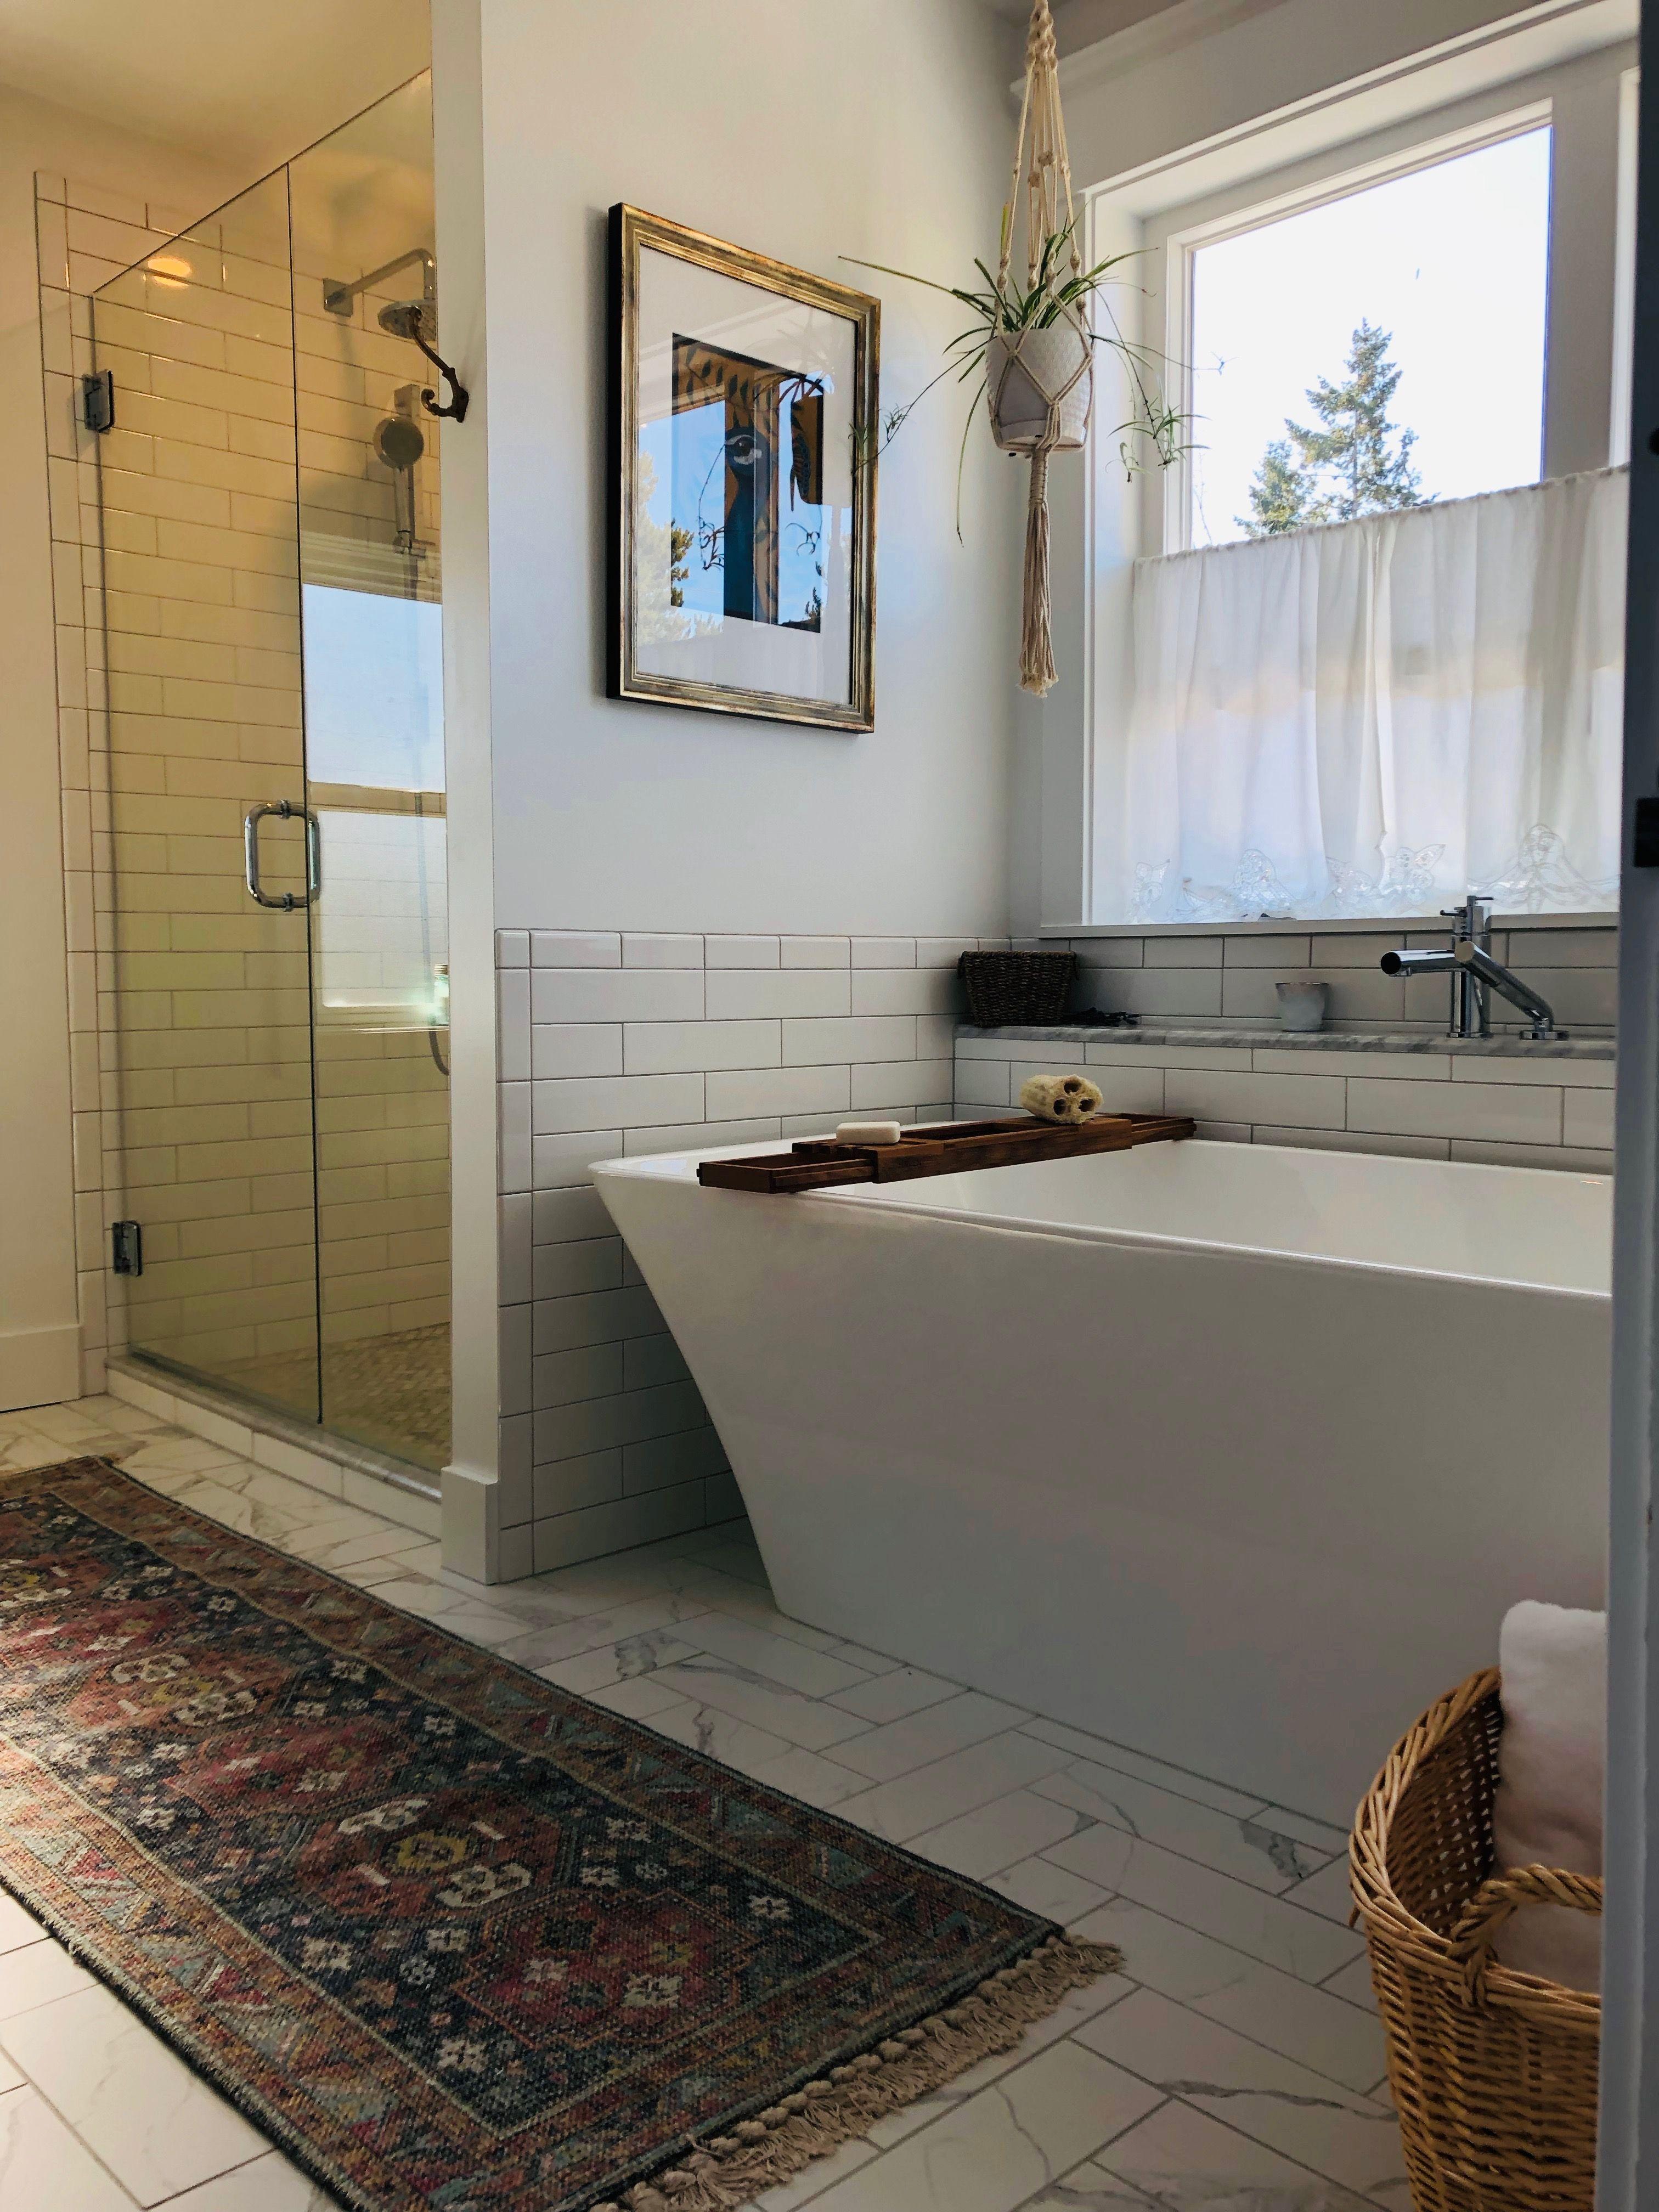 master bath remodel bath remodel master bath remodel on bathroom renovation ideas modern id=46610